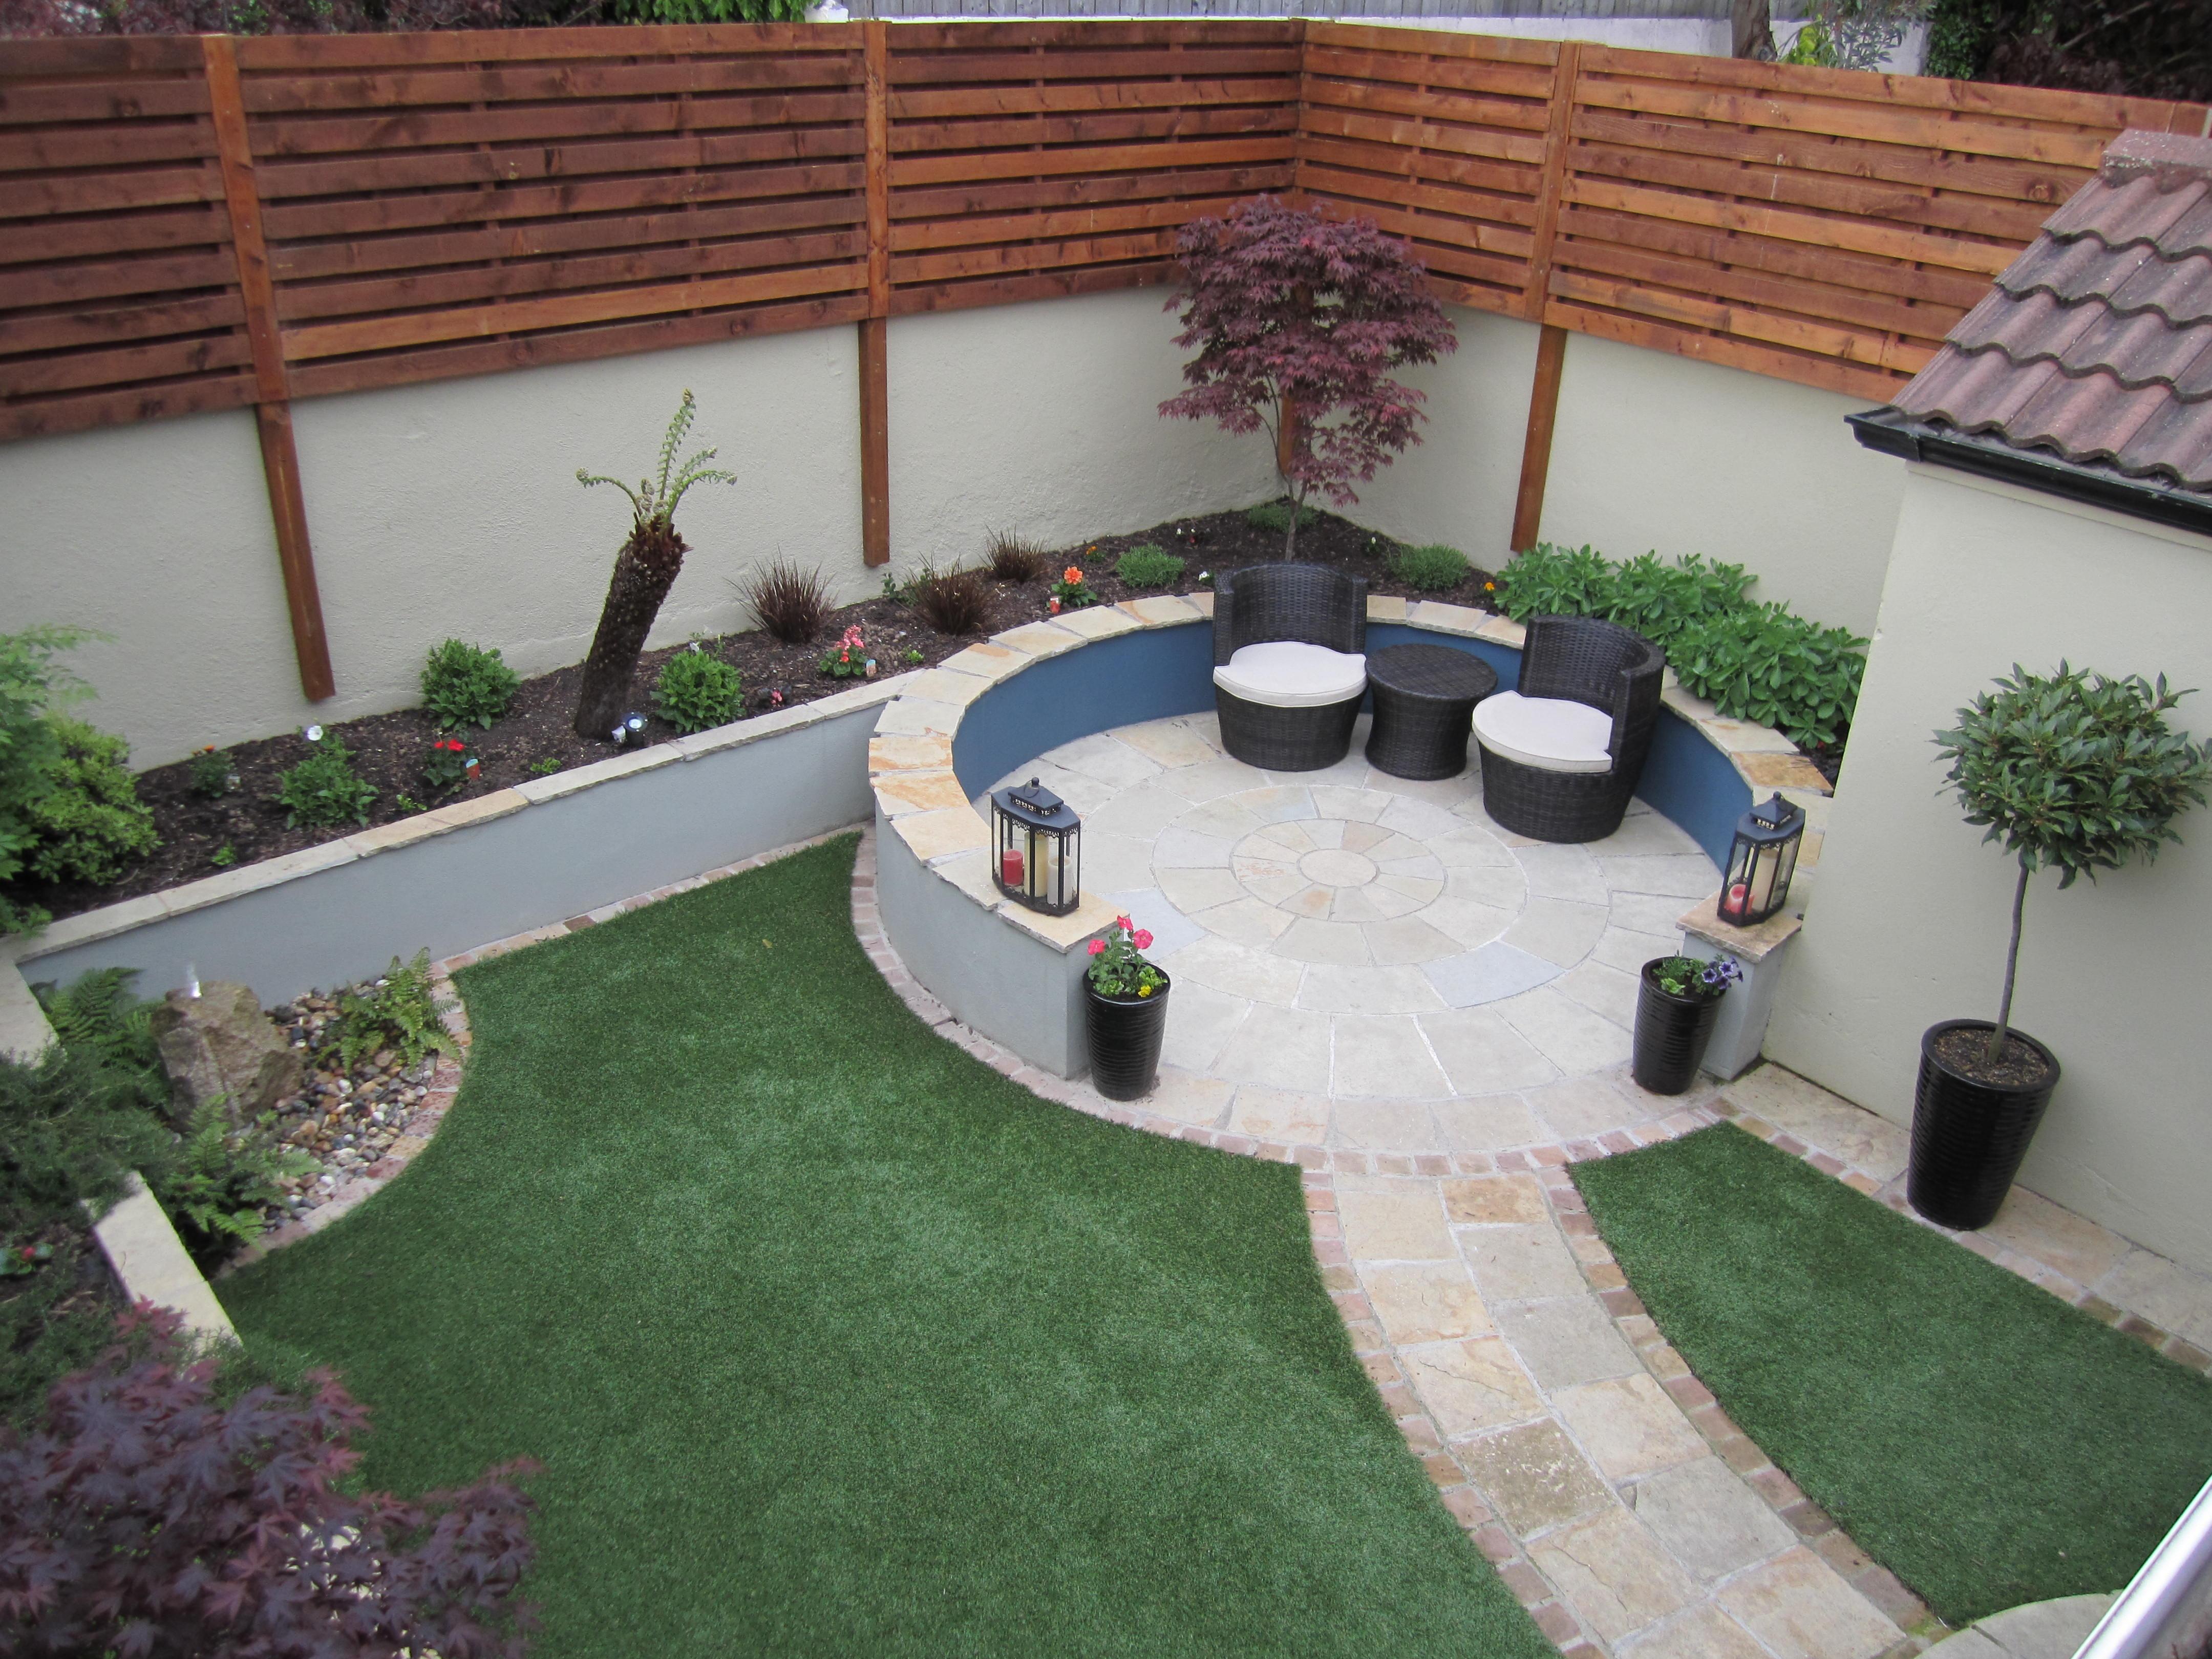 Garden Fencing Design Dublin, Wickkow - Landscaping.ie